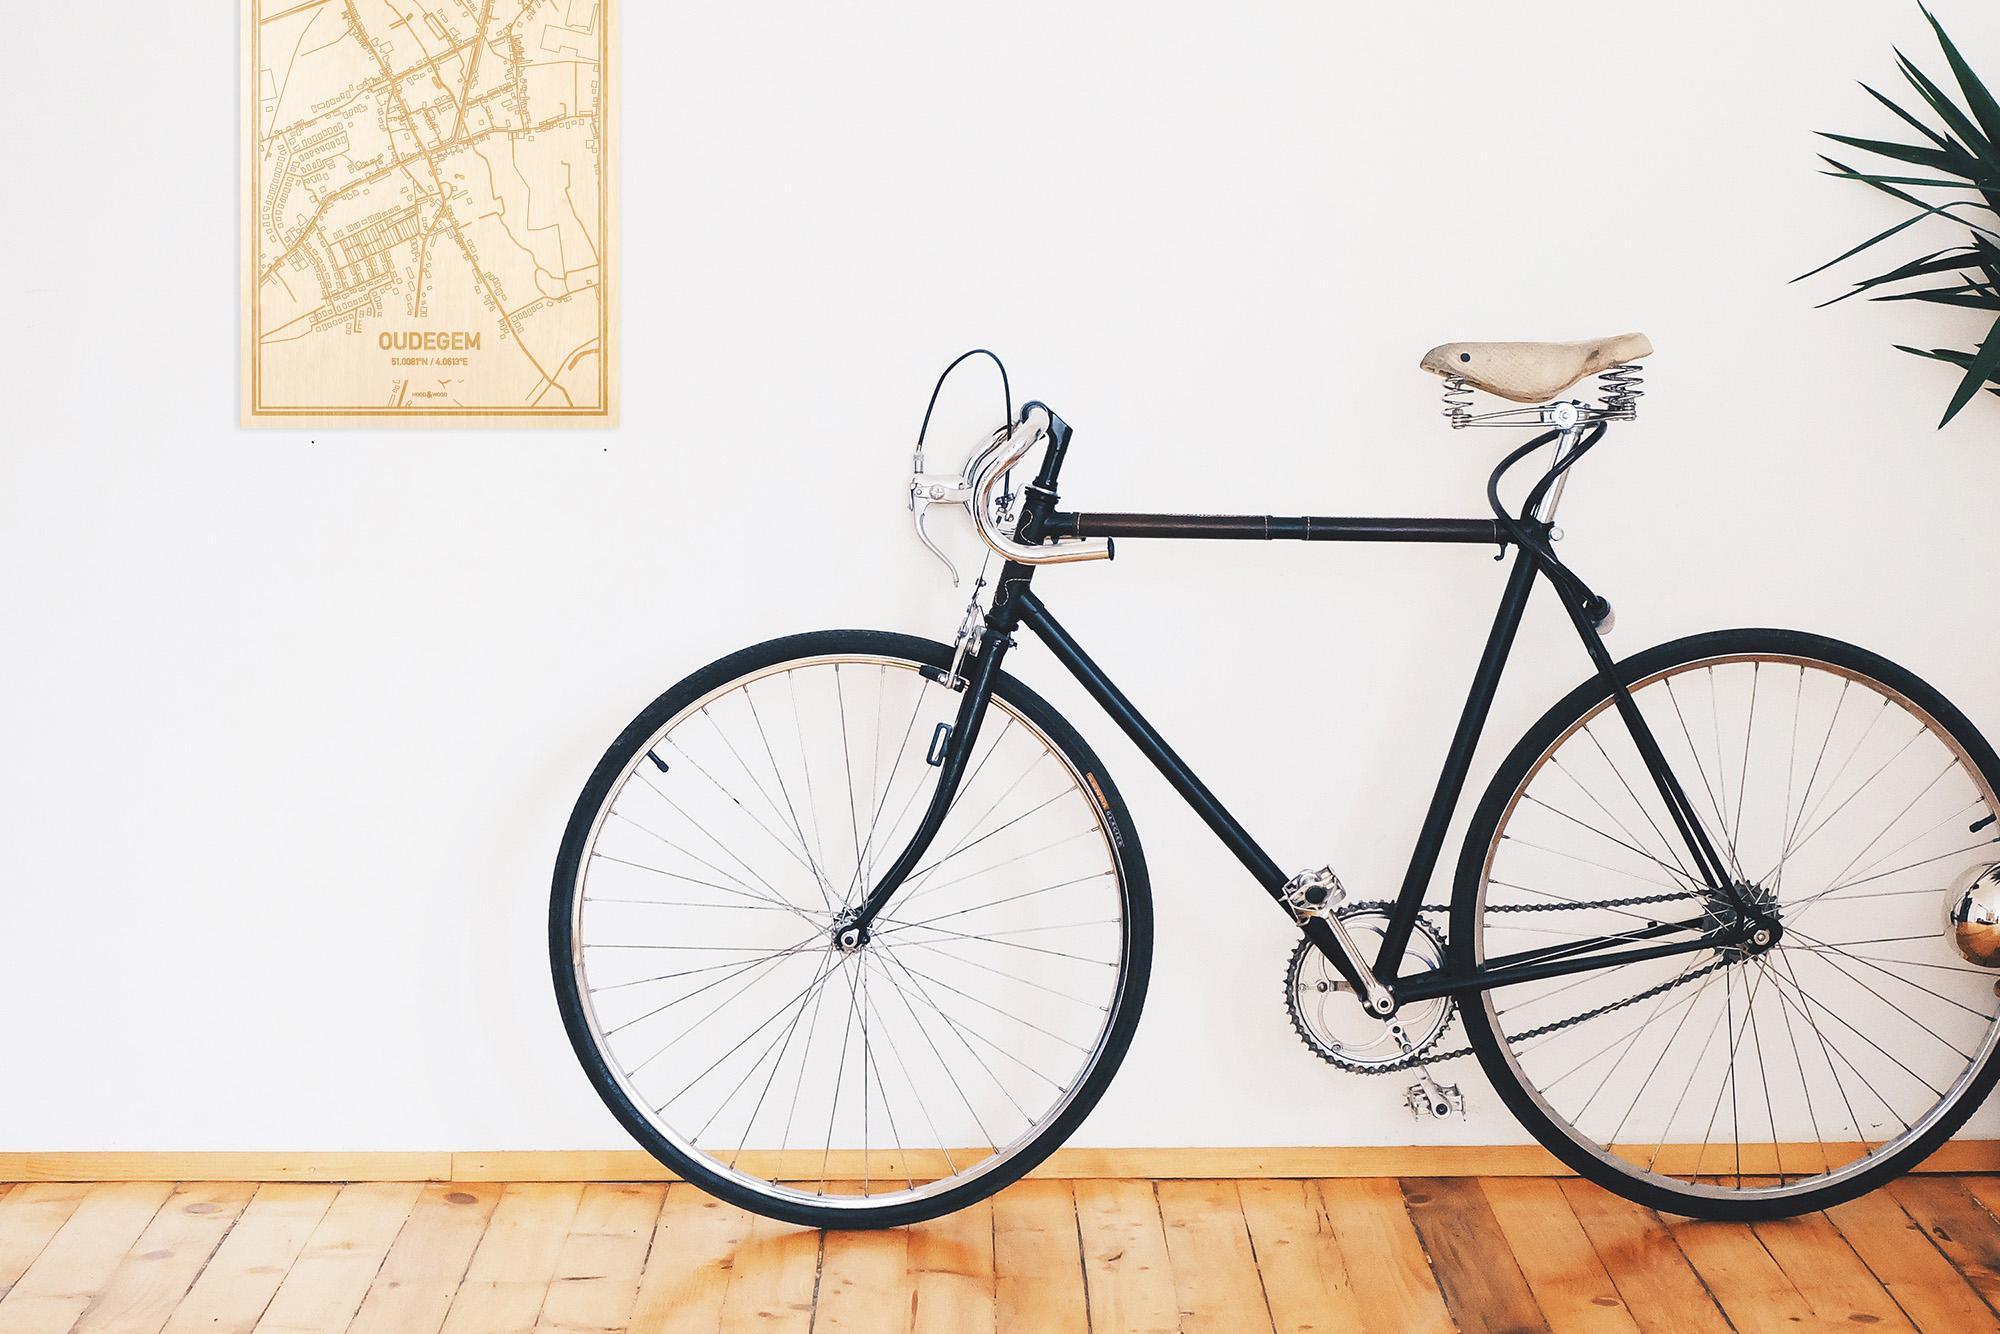 Een snelle fiets in een uniek interieur in Oost-Vlaanderen  met mooie decoratie zoals de plattegrond Oudegem.